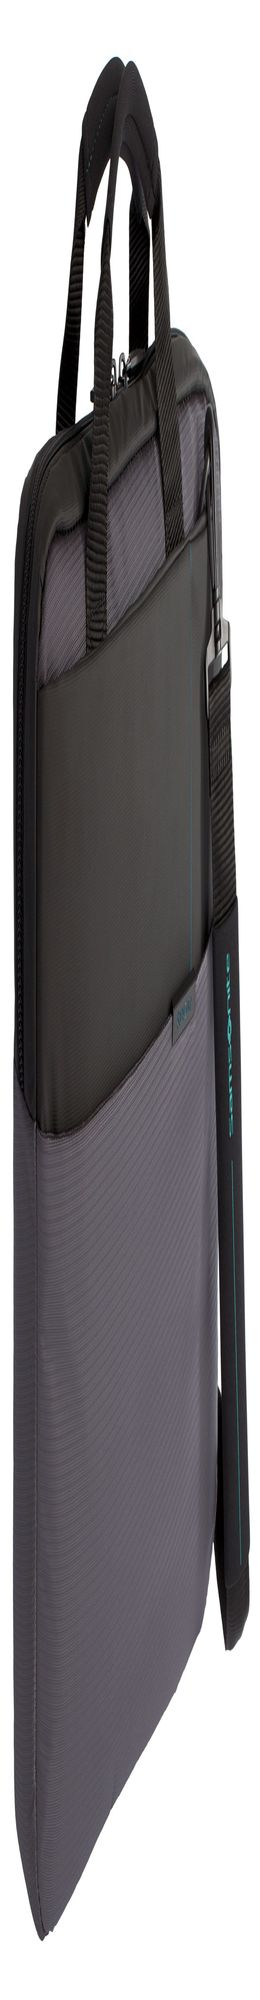 Сумка для ноутбука Qibyte Laptop Bag, темно-серая с черными вставками фото